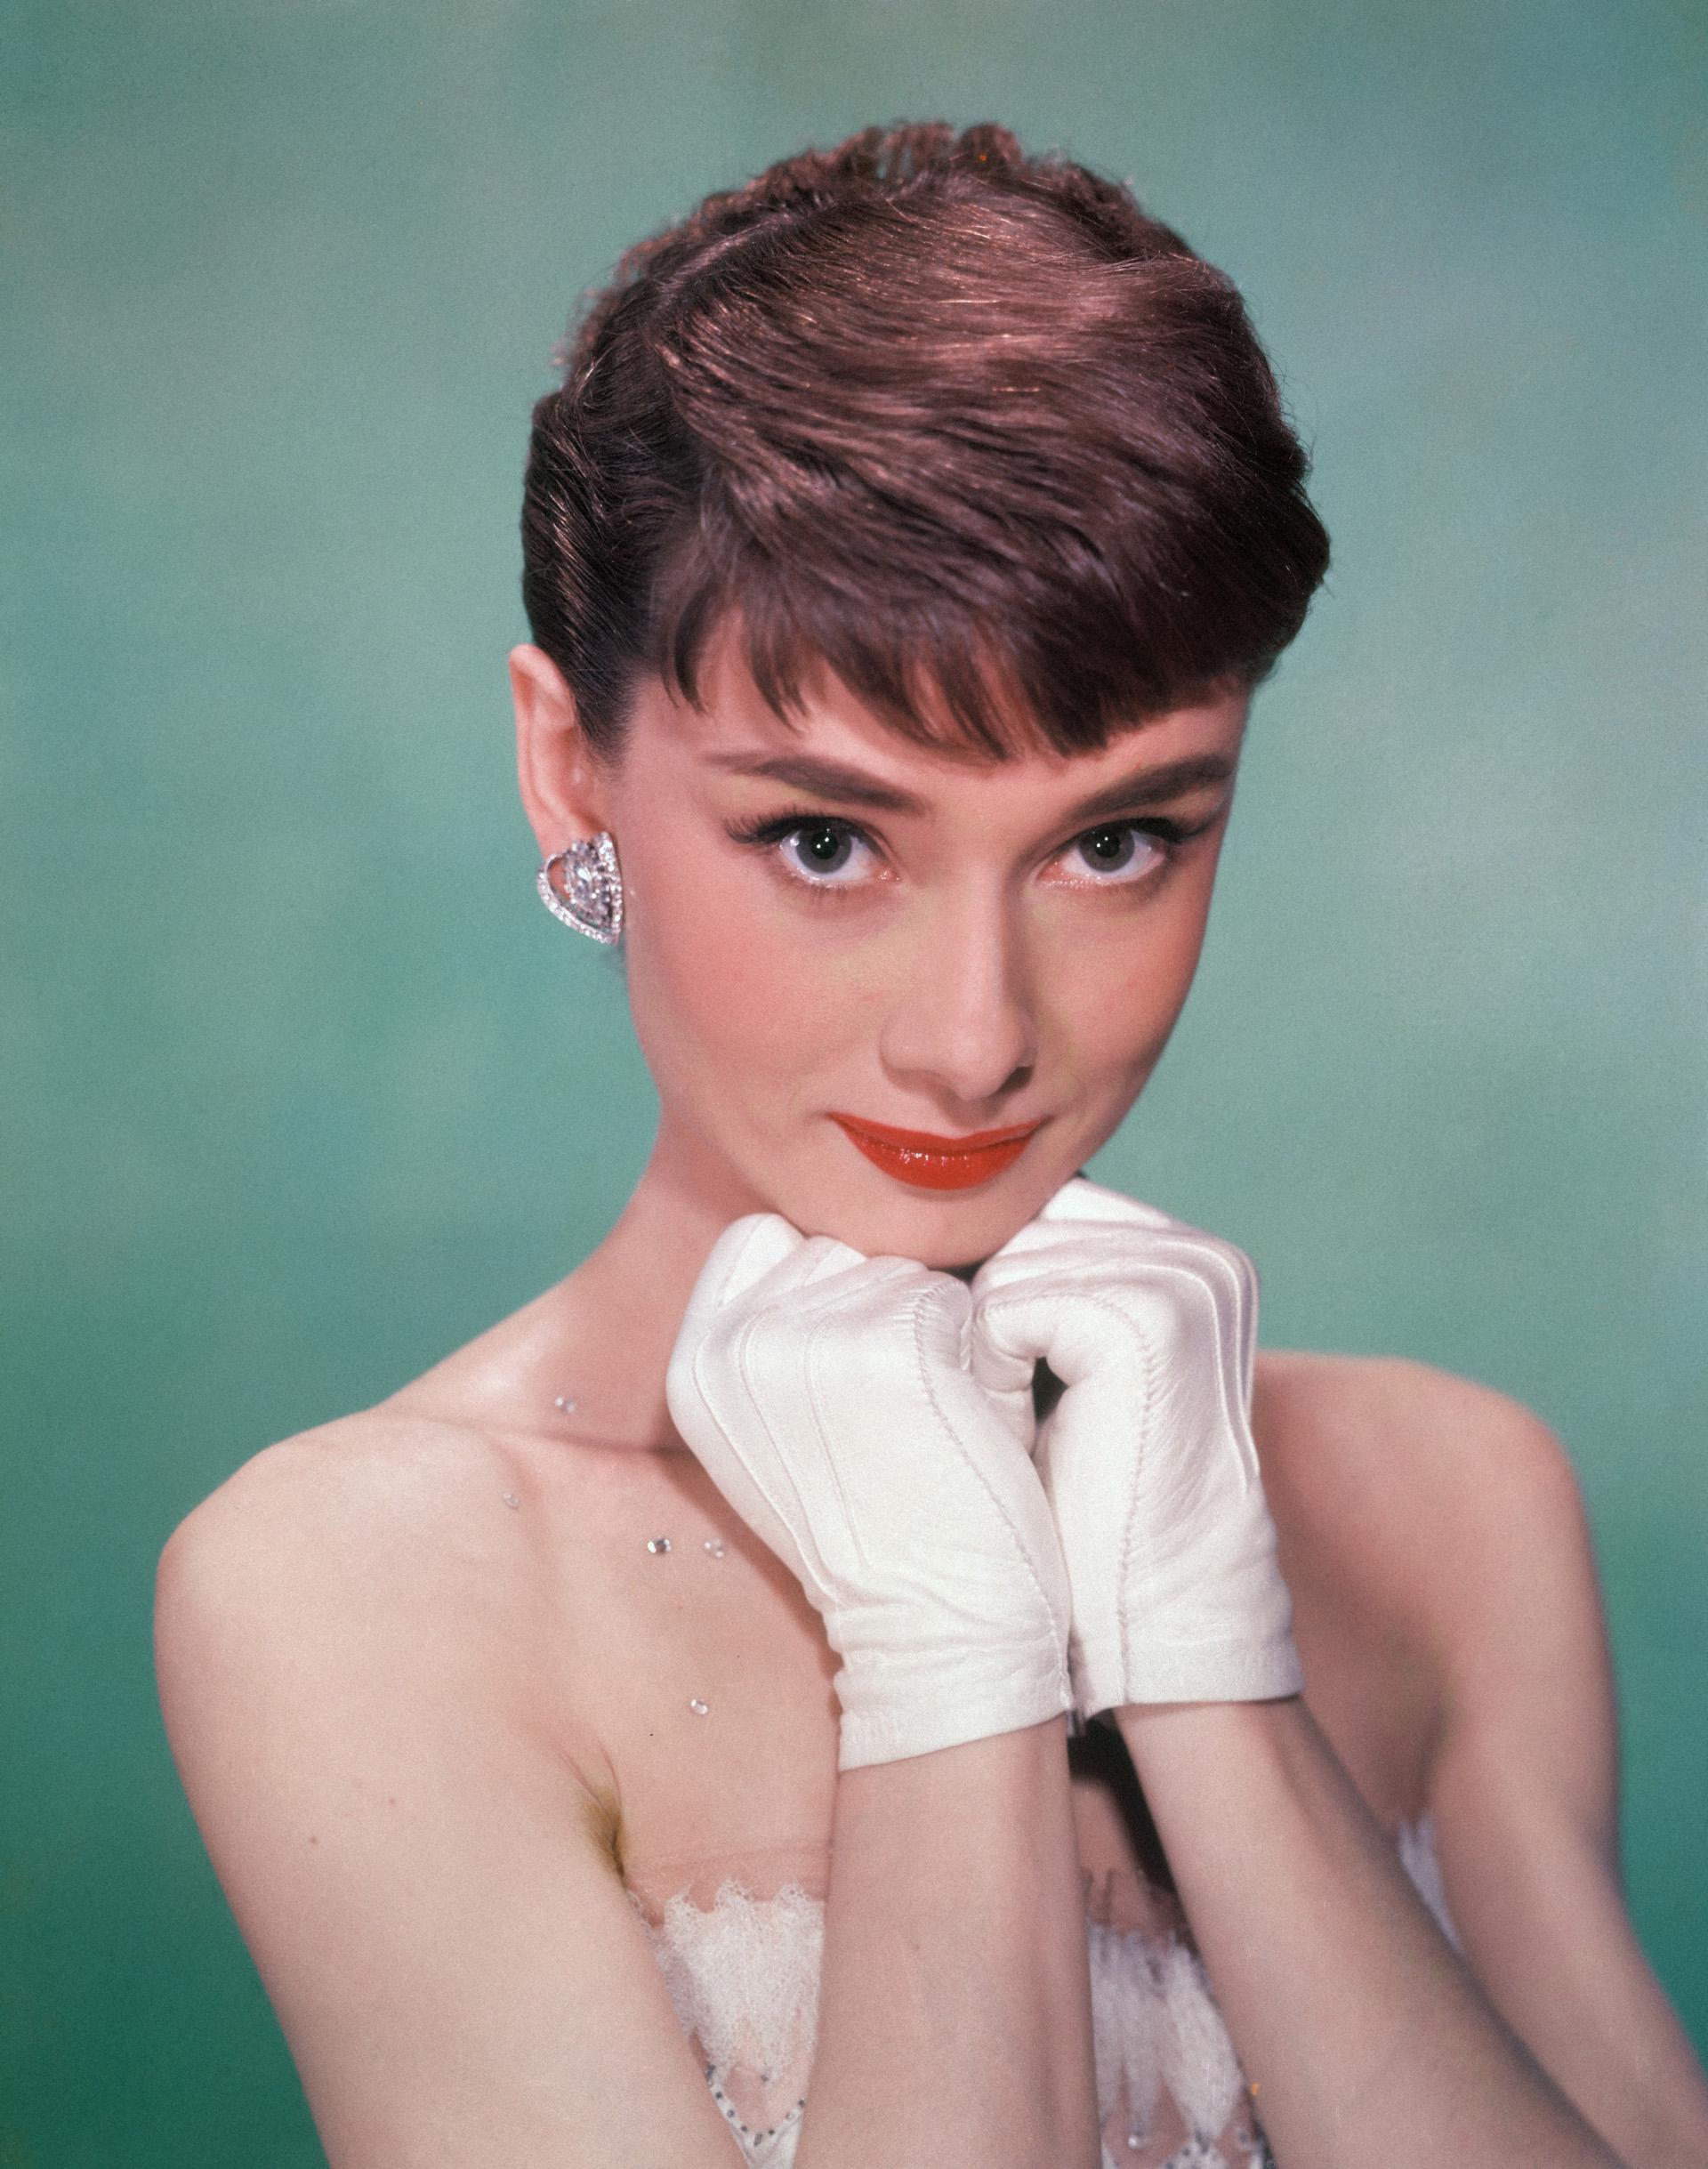 Audrey Hepburn nació el 5 de mayo de 1929 en Bélgica ( Hulton Archive/Getty Images)